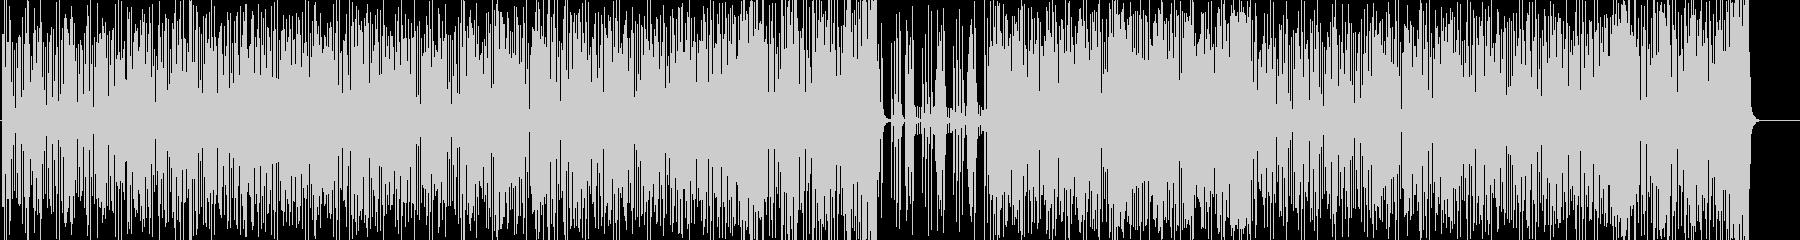 スリリングでタイトなフュージョンの未再生の波形